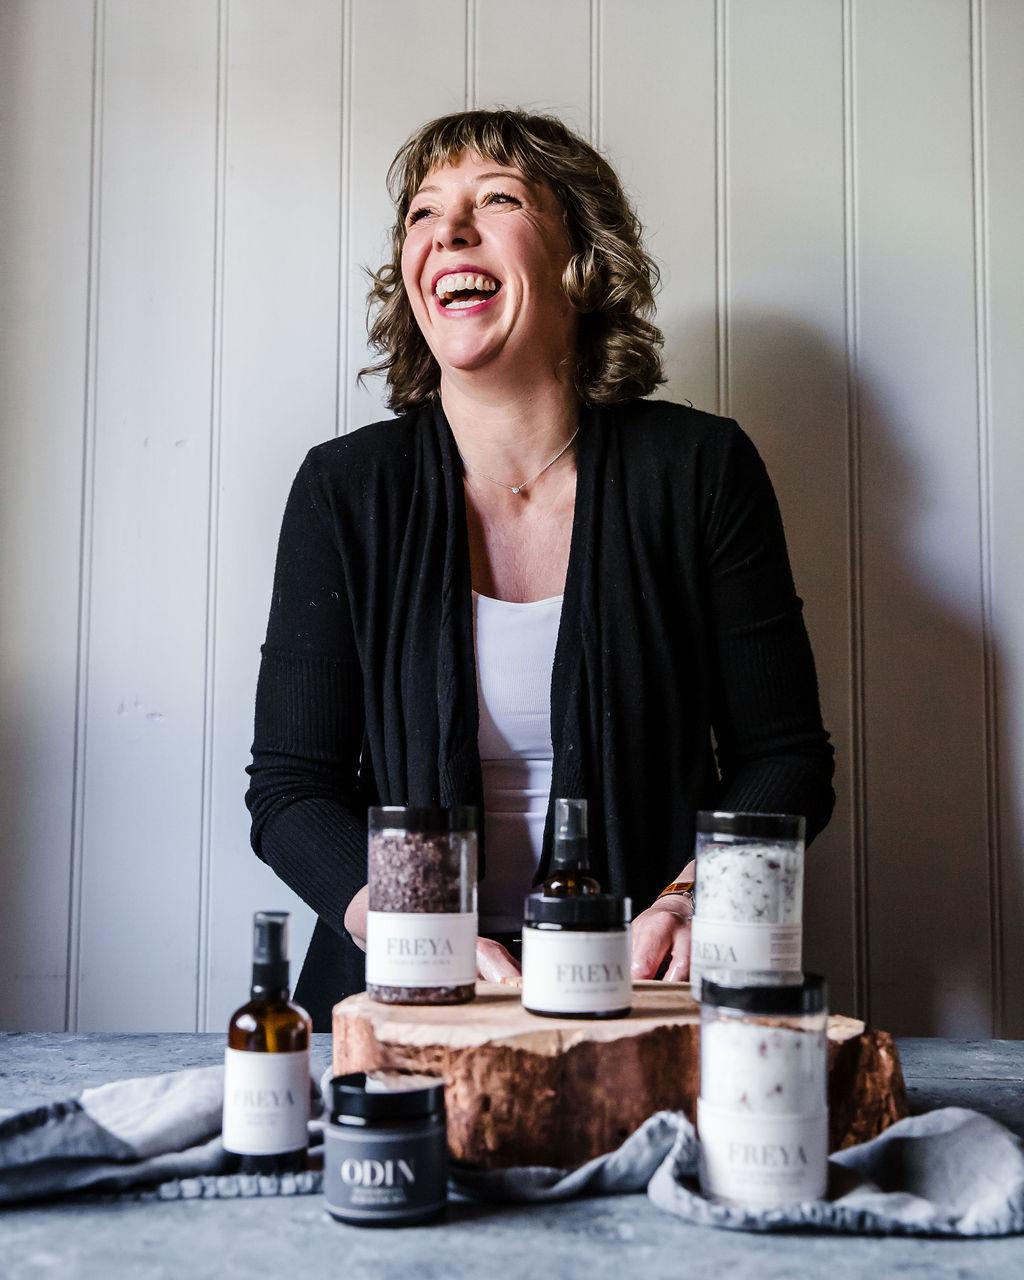 Kristie Murphy Freya's Nourishment | The Flourishing Pantry